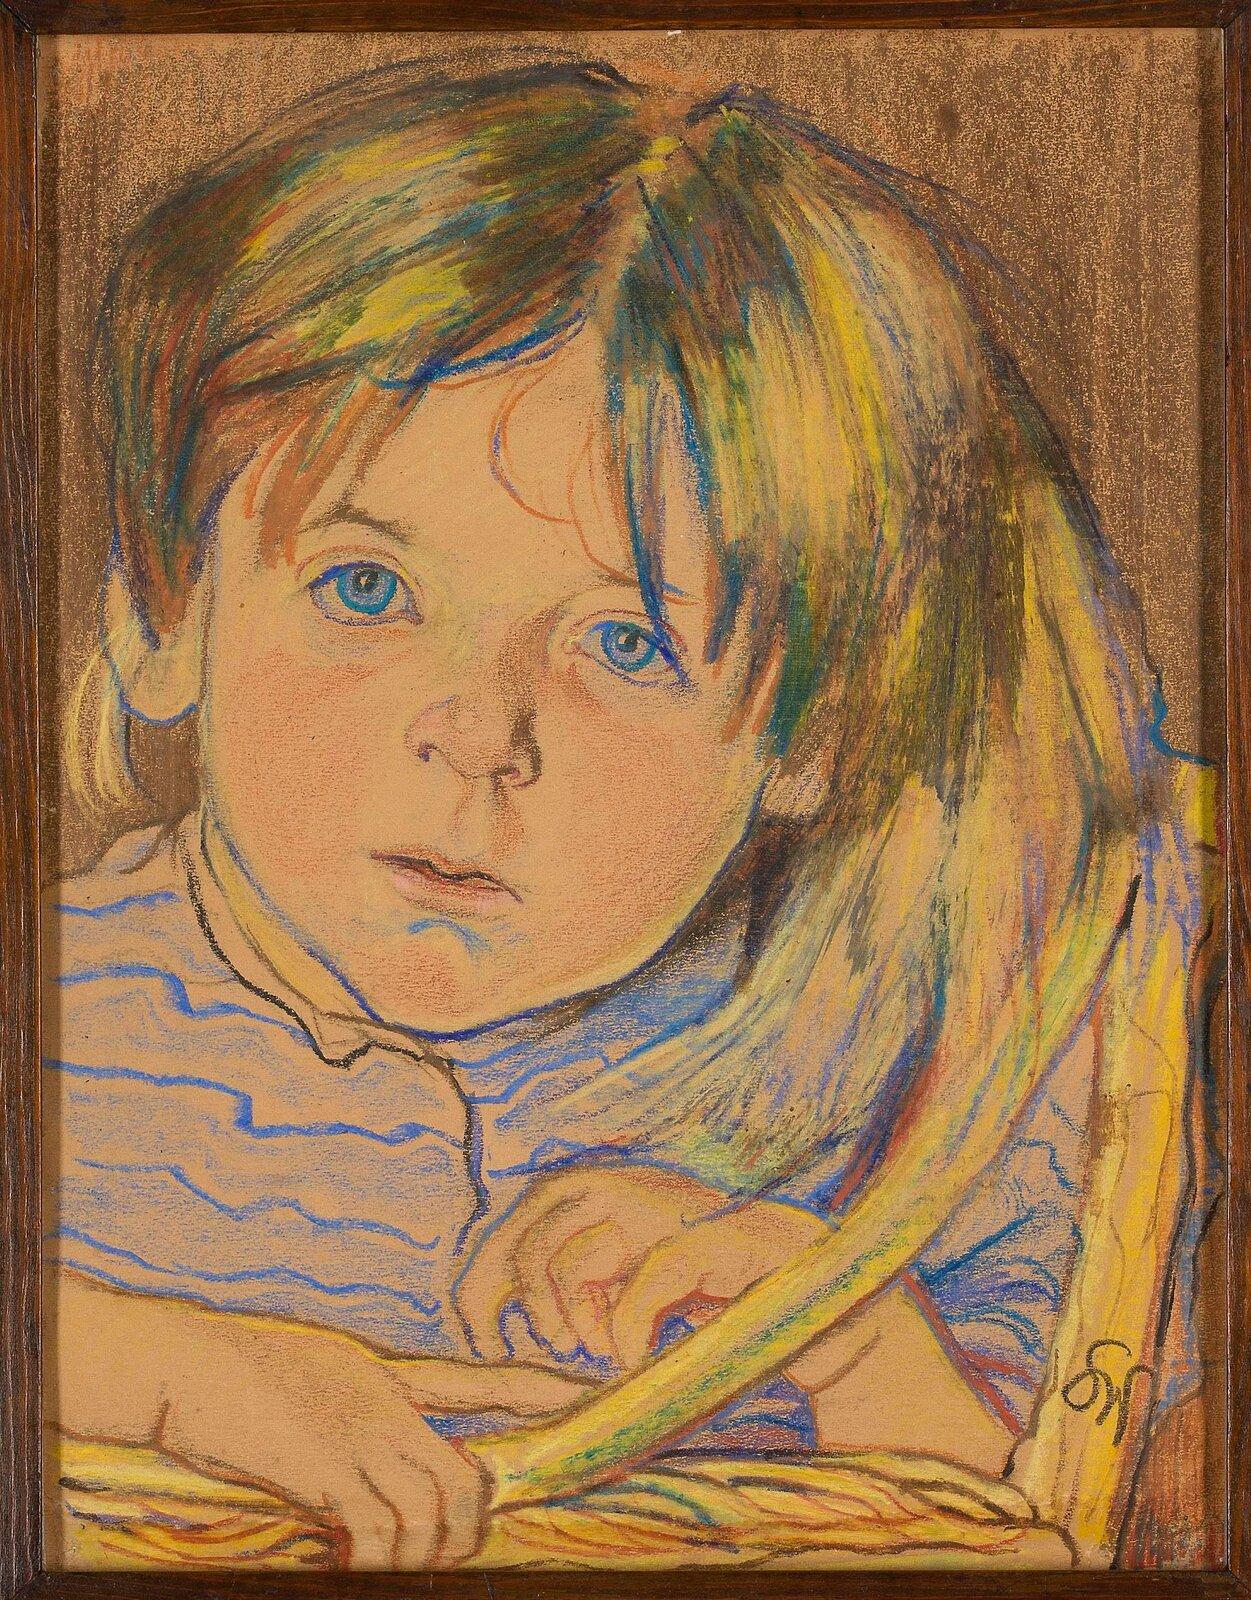 """Ilustracja przedstawia obraz """"Portret dziecka"""" autorstwa Stanisława Wyspiańskiego. Dzieło ukazuje pastelowy portret dziewczynki opartej ofragment kołyski. Postać ubrana jest wjasno niebieską bluzkę wcienkie paski zkołnierzykiem. Uczesane zprzedziałkiem, proste włosy opadają na czoło. Uchylone usta oraz niebieskie, jakby zaspane oczy nadają twarzy wyraz zdziwienia. Kompozycja utrzymana jest wharmonijnej, beżowo-niebiesko-żółtej tonacji. Dzieło wykonane jest techniką pasteli ioprawione wcienką drewnianą ramkę."""